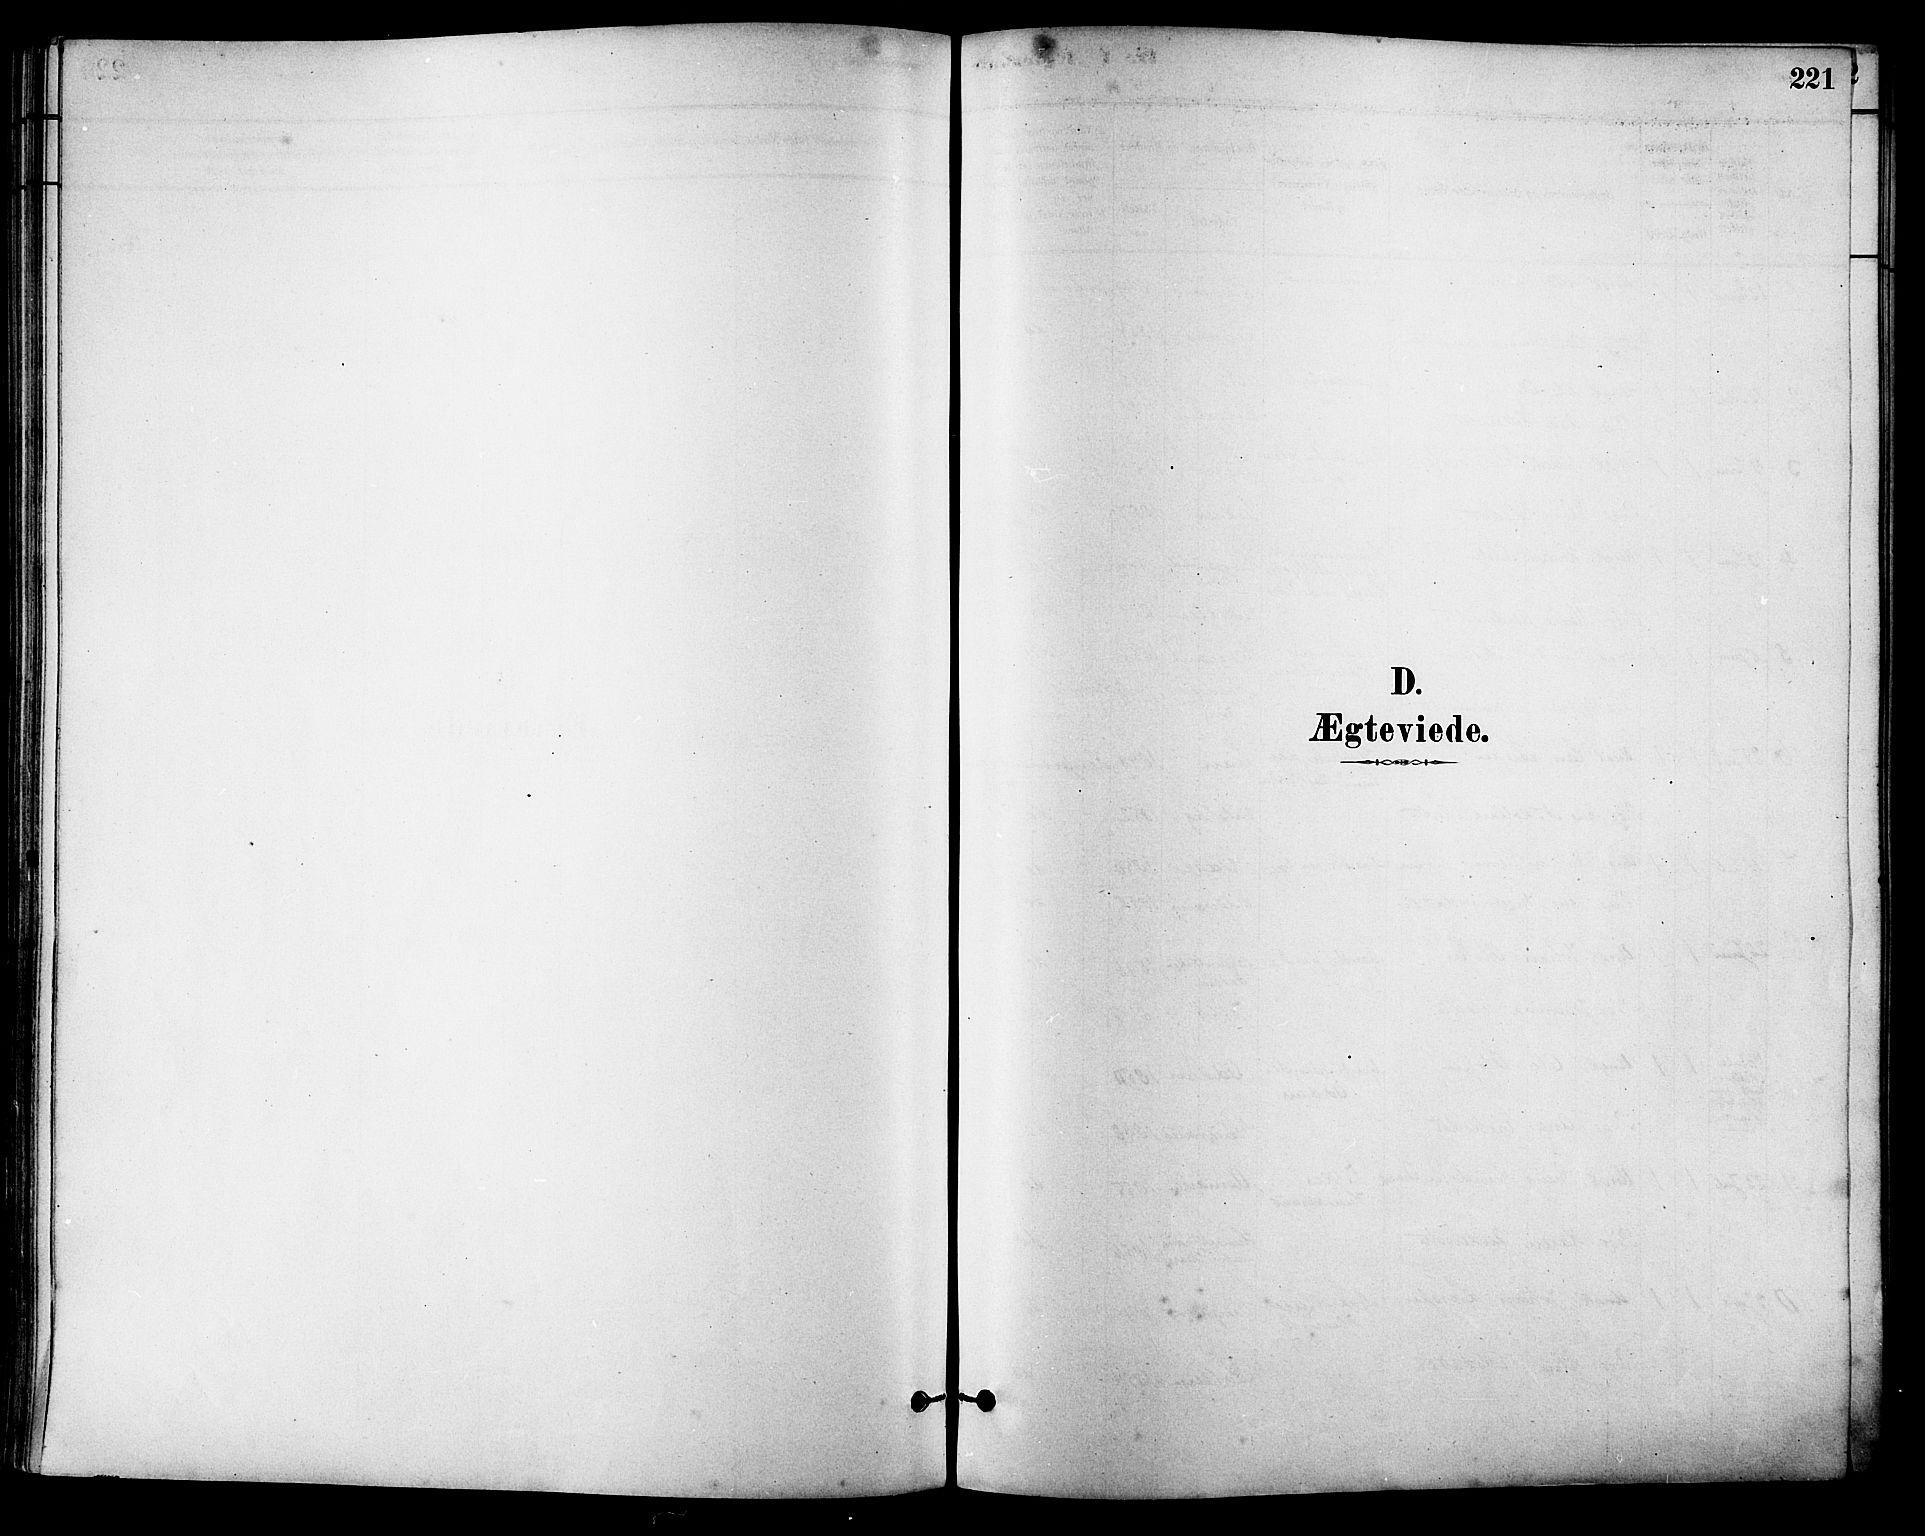 SAT, Ministerialprotokoller, klokkerbøker og fødselsregistre - Sør-Trøndelag, 630/L0496: Ministerialbok nr. 630A09, 1879-1895, s. 221